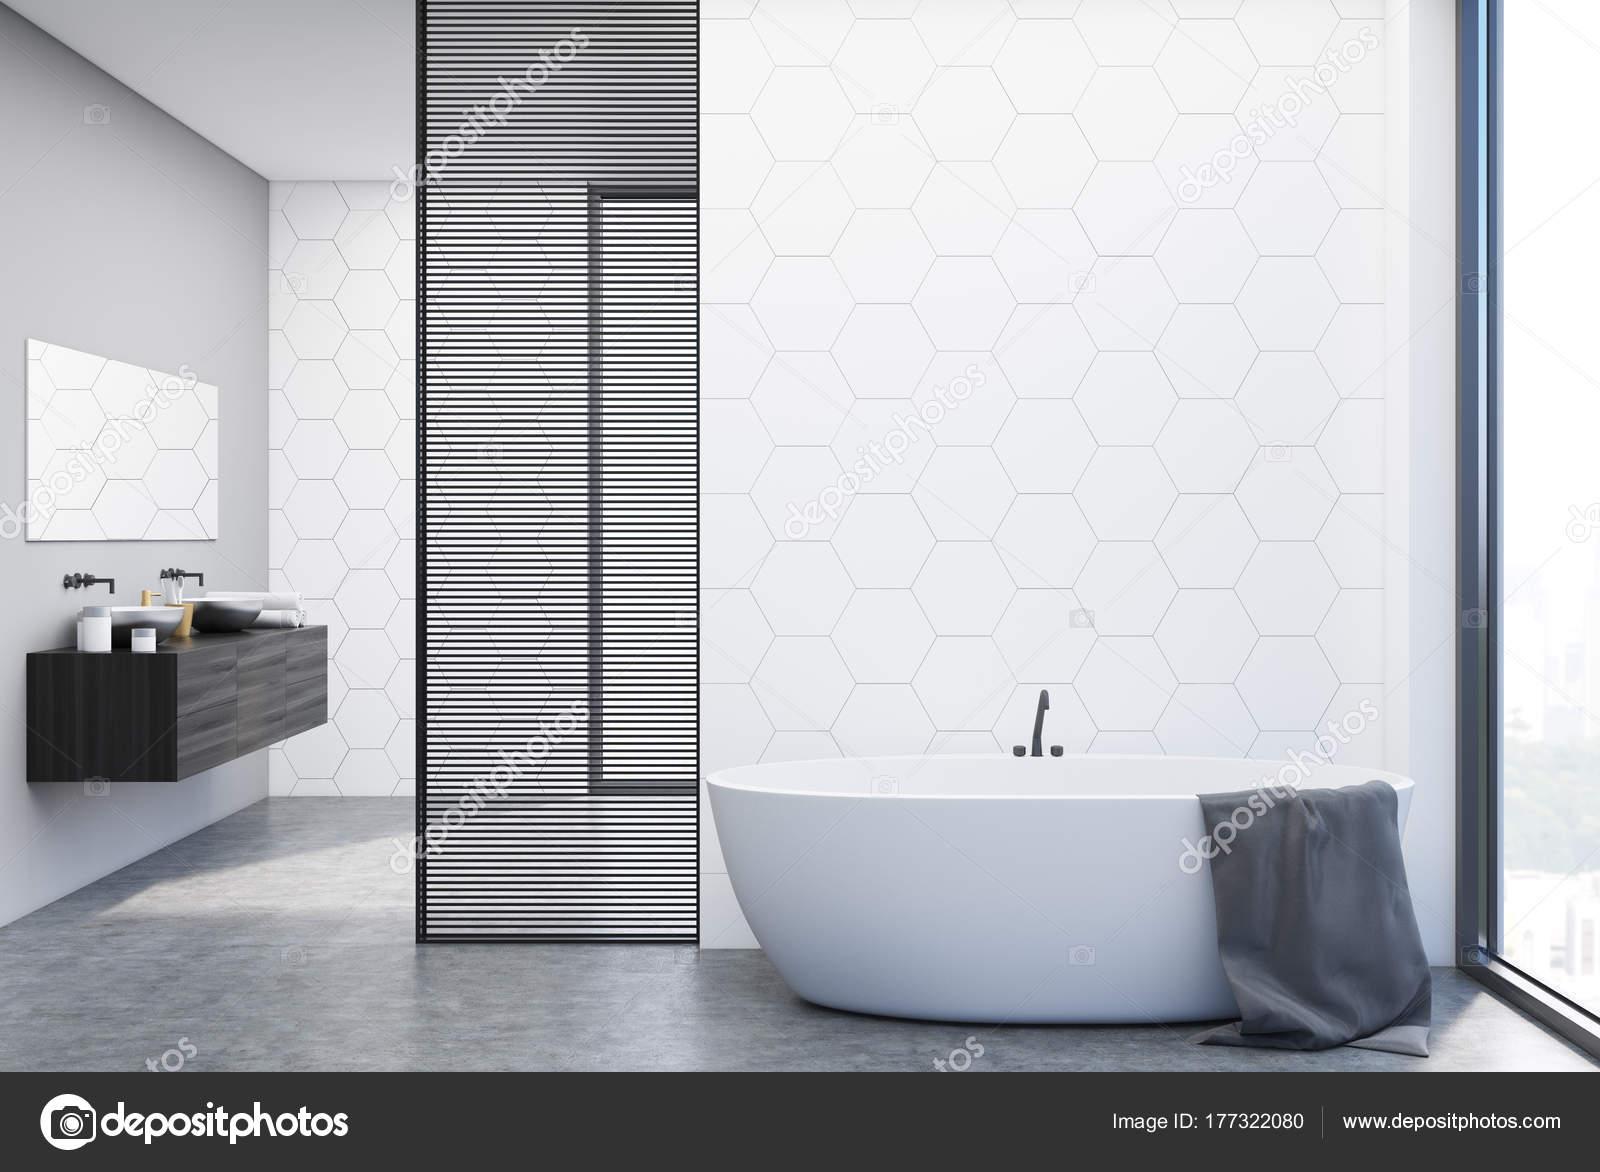 Bagno rivestito di piastrelle bianche vasca e lavandino u2014 foto